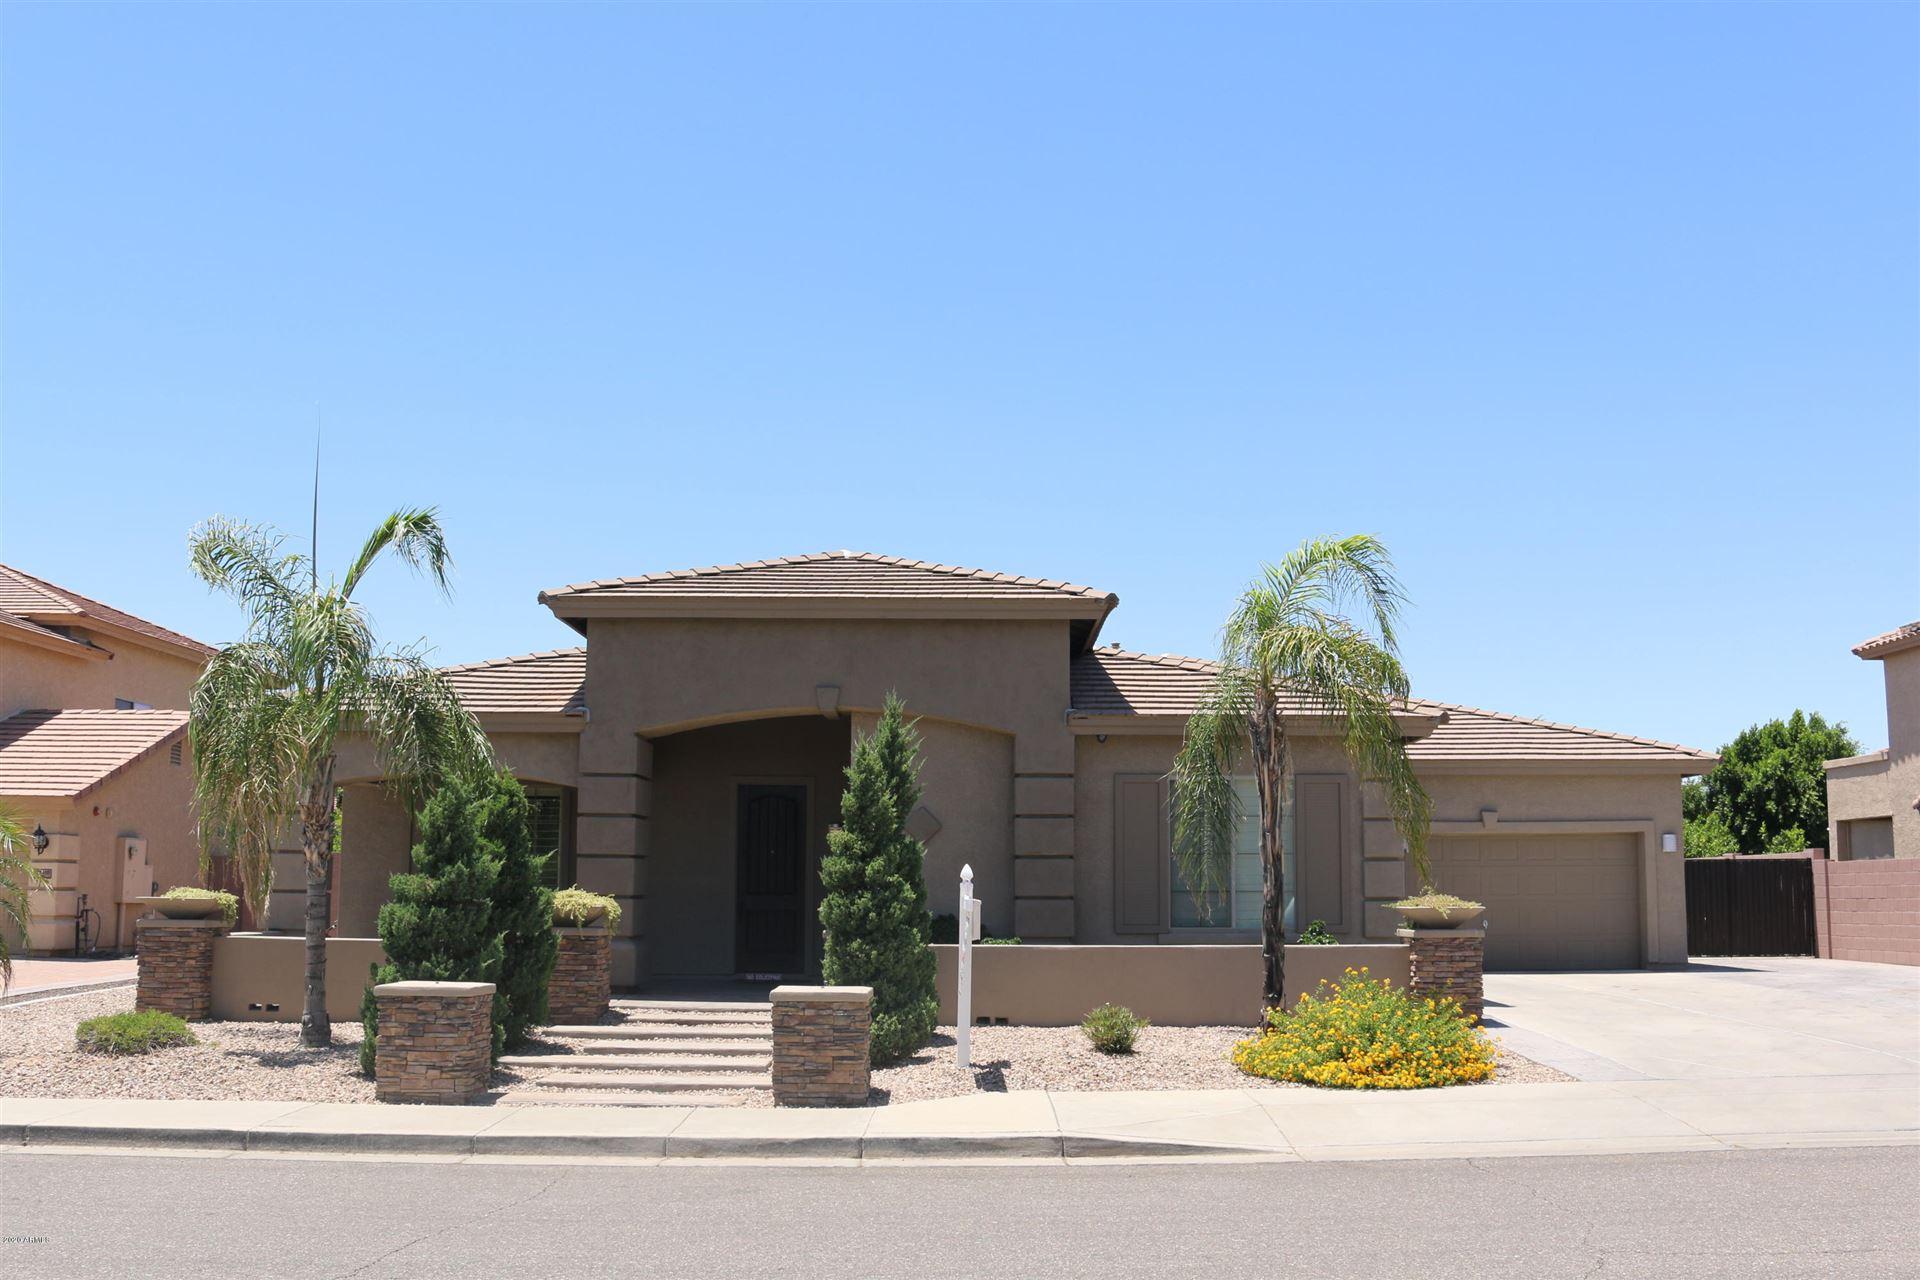 27414 N 22ND Lane, Phoenix, AZ 85085 - MLS#: 6091641